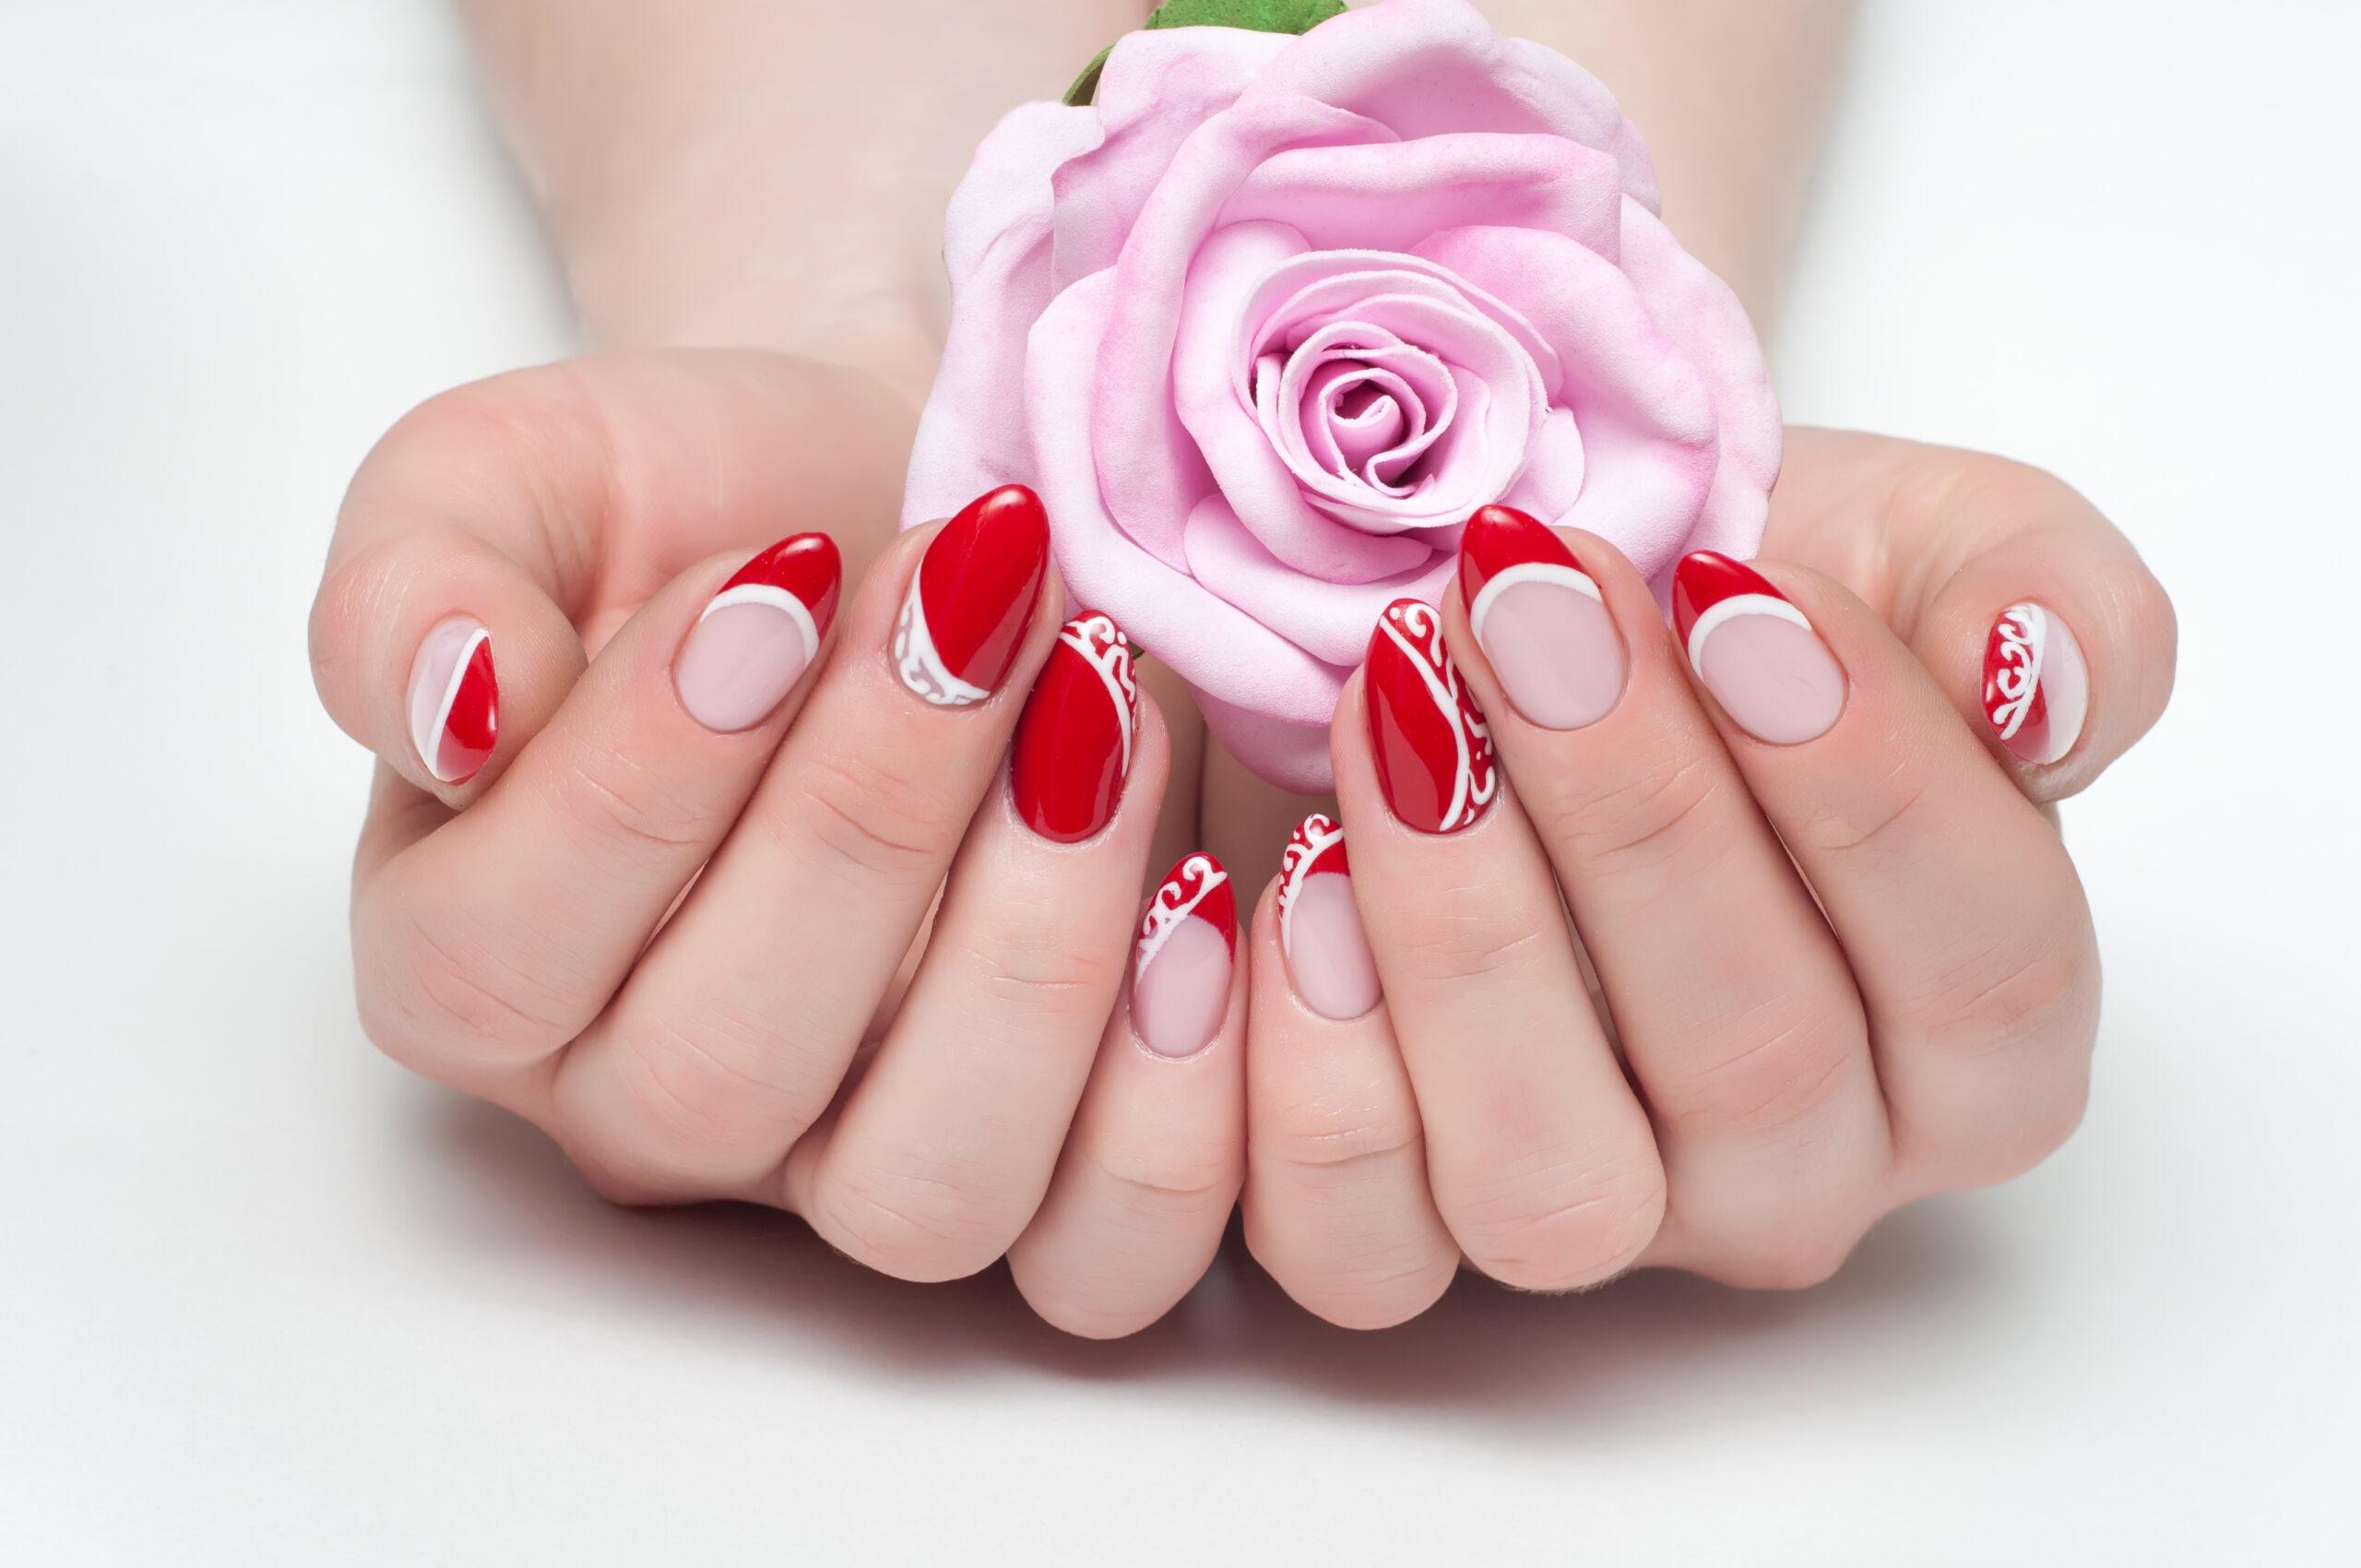 paznokcie na ślub w kolorze czerwieni i różu z białym wzorem